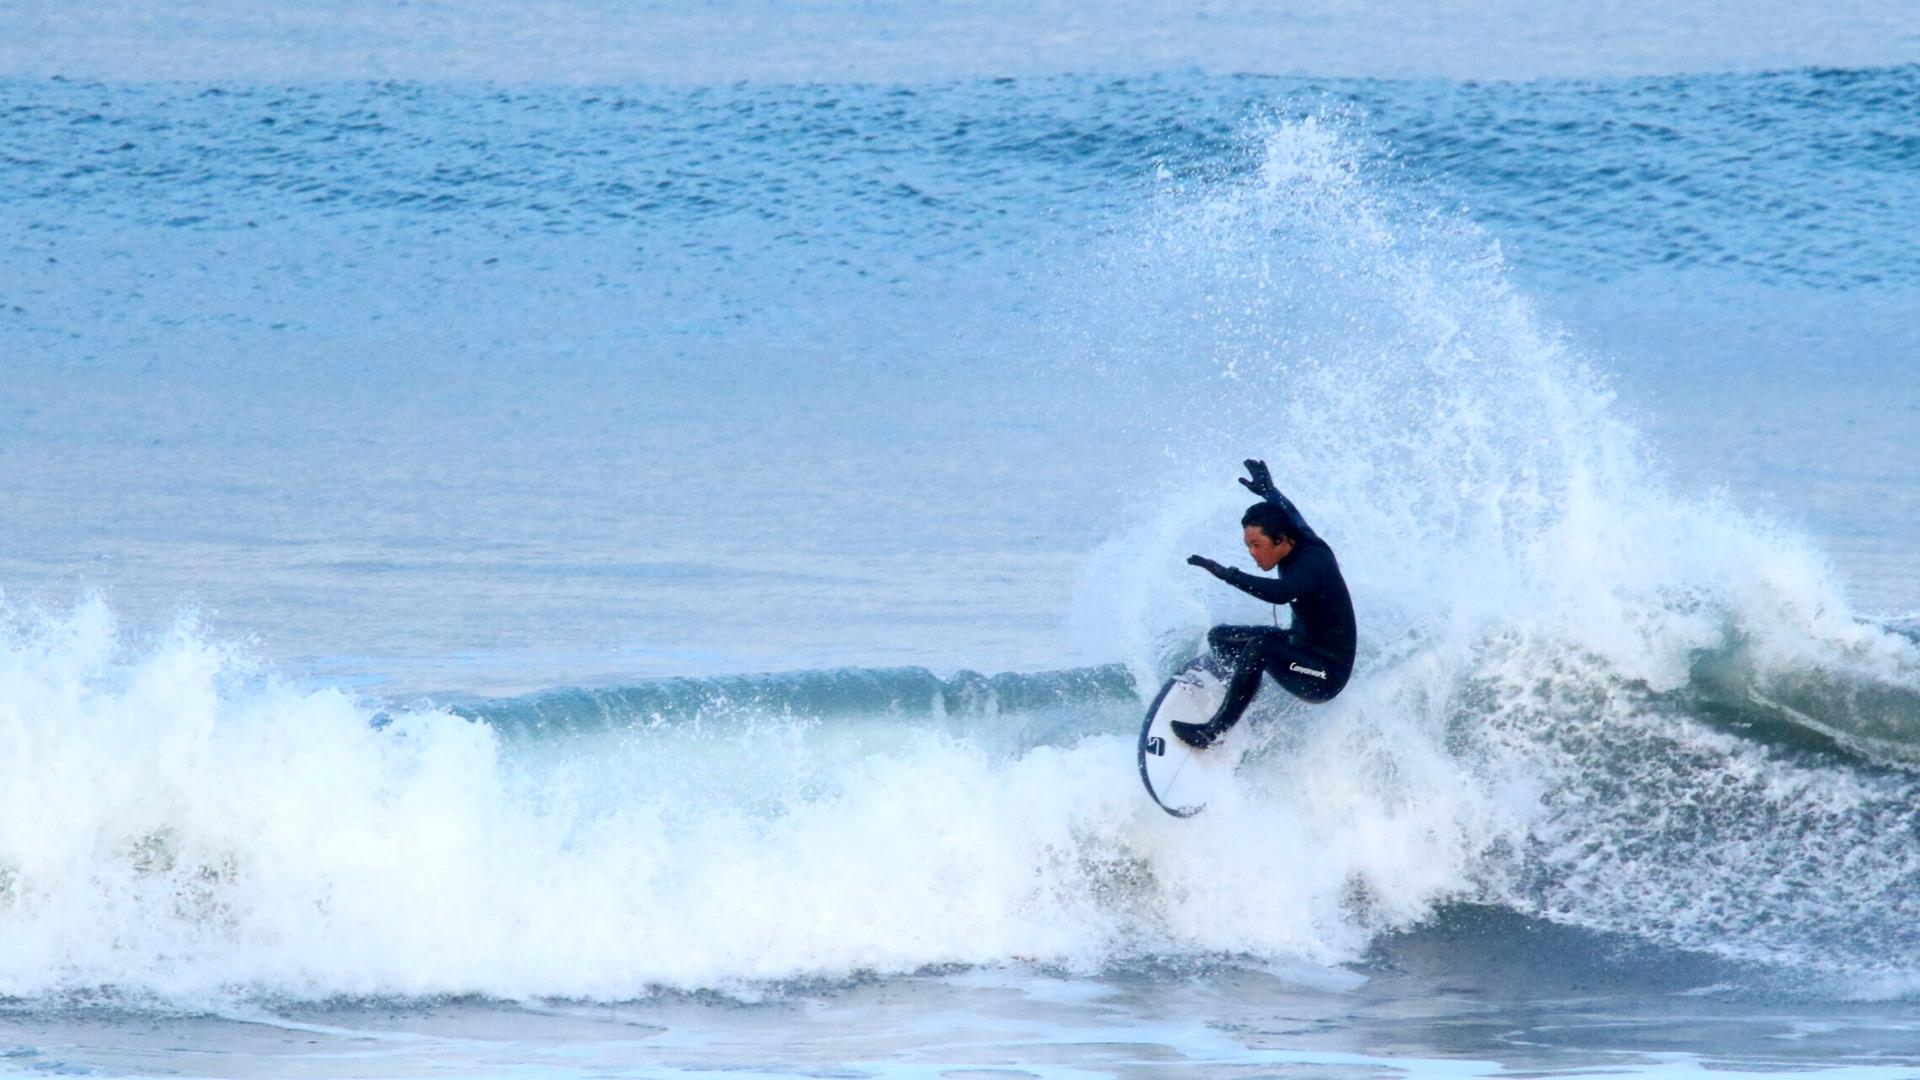 サーフィン画像 壁紙 福島県いわき市のサーフィンスクール Can Do